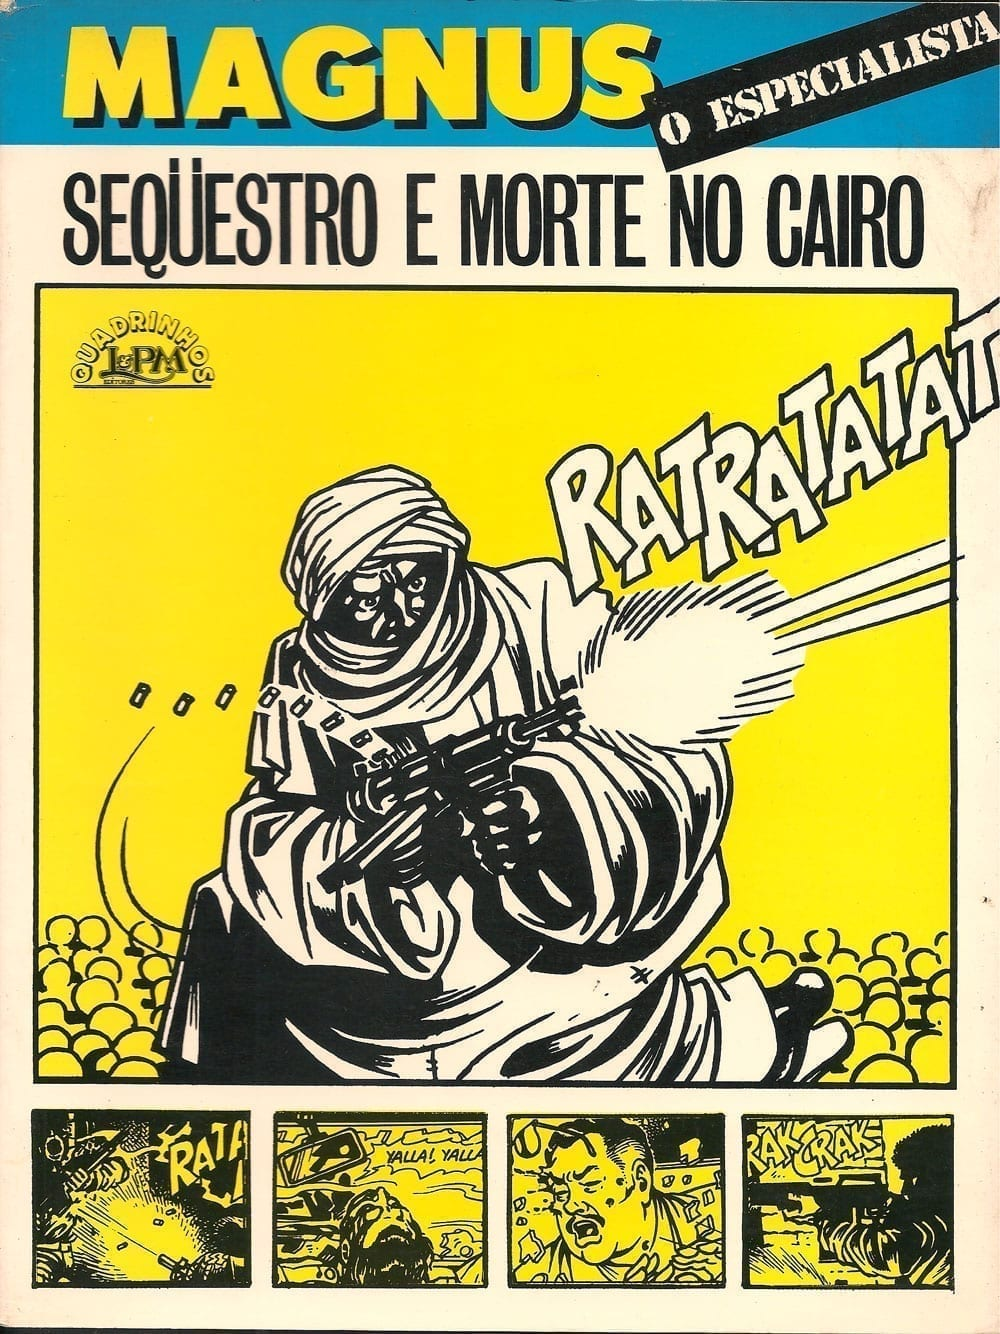 Capa: Magnus - O Especialista: Sequestro e Morte no Cairo